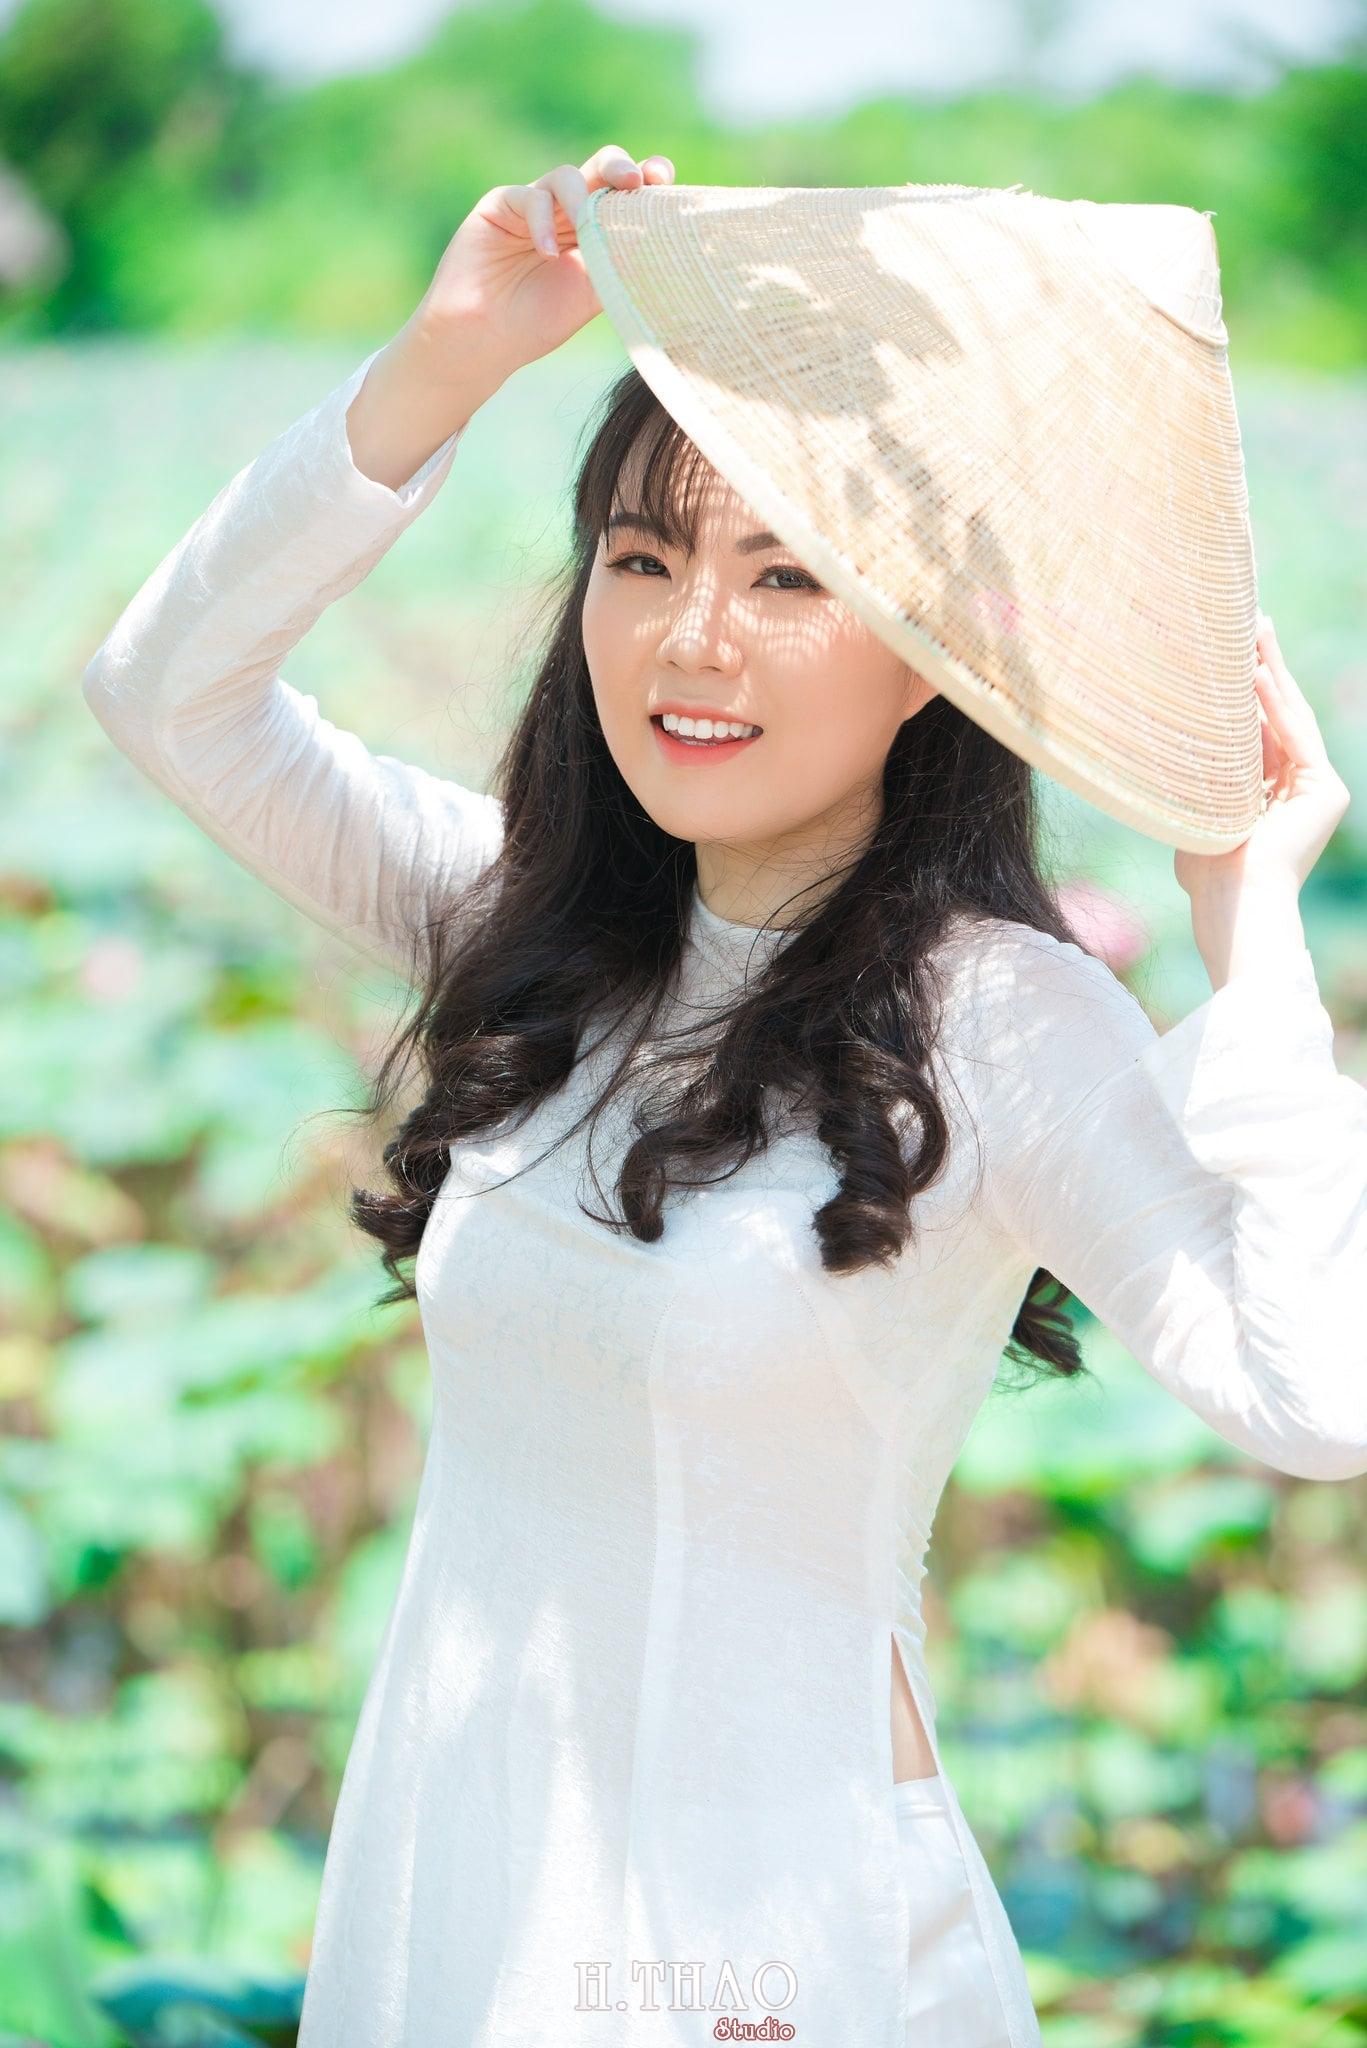 nh áo dài hoa sen 31 - Góc ảnh thiếu nữ áo dài bên hoa sen đẹp tinh khôi- HThao Studio